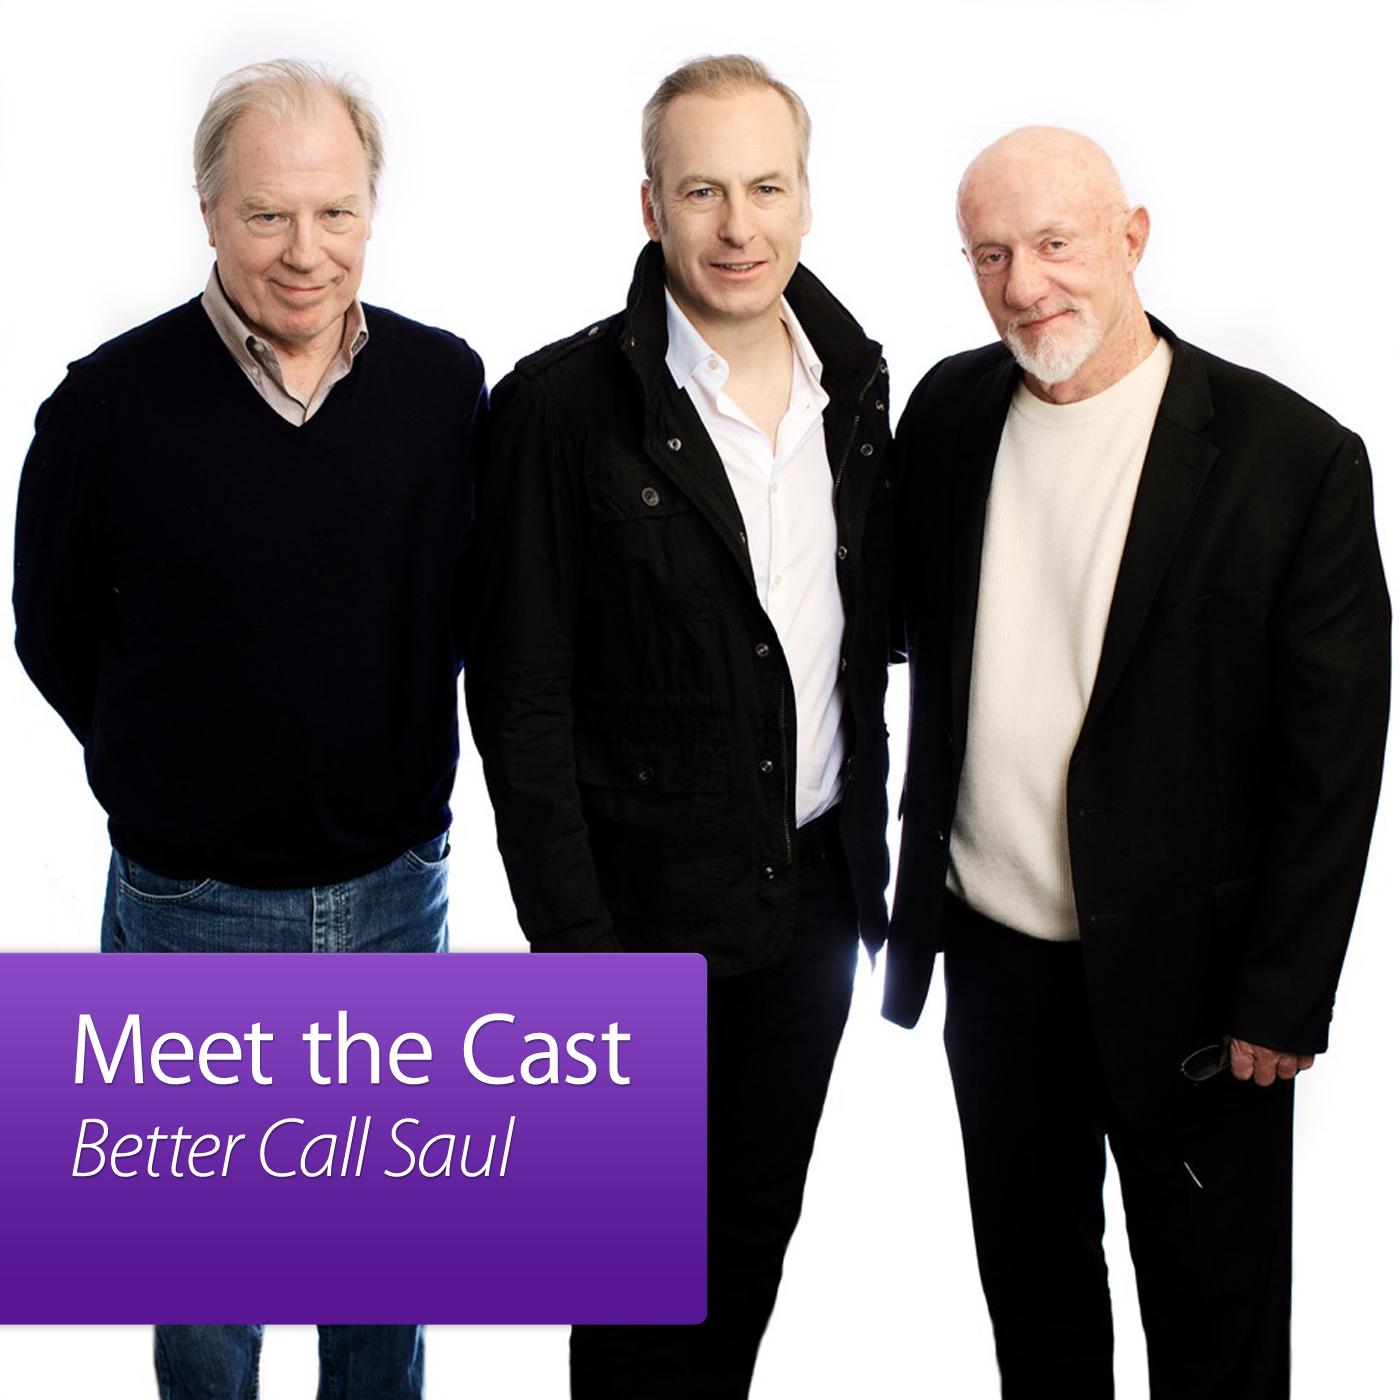 Better Call Saul: Meet The Cast